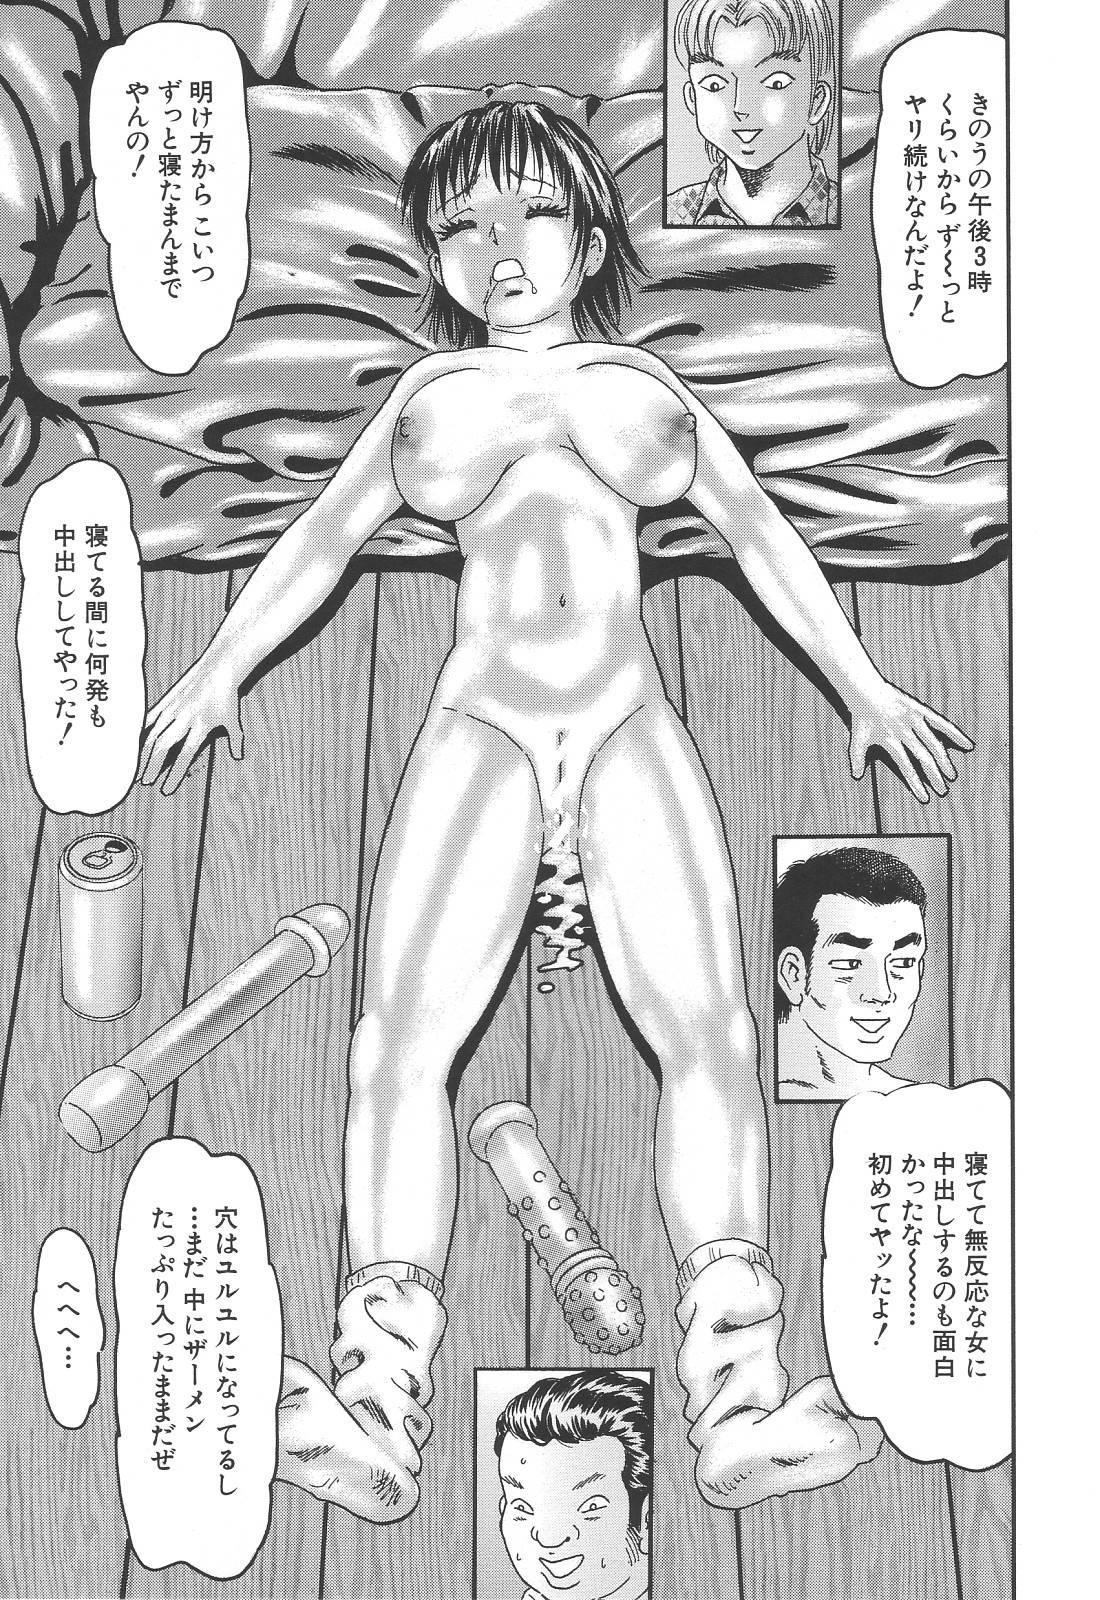 Bakunyuu Kyousei Rinkan 16